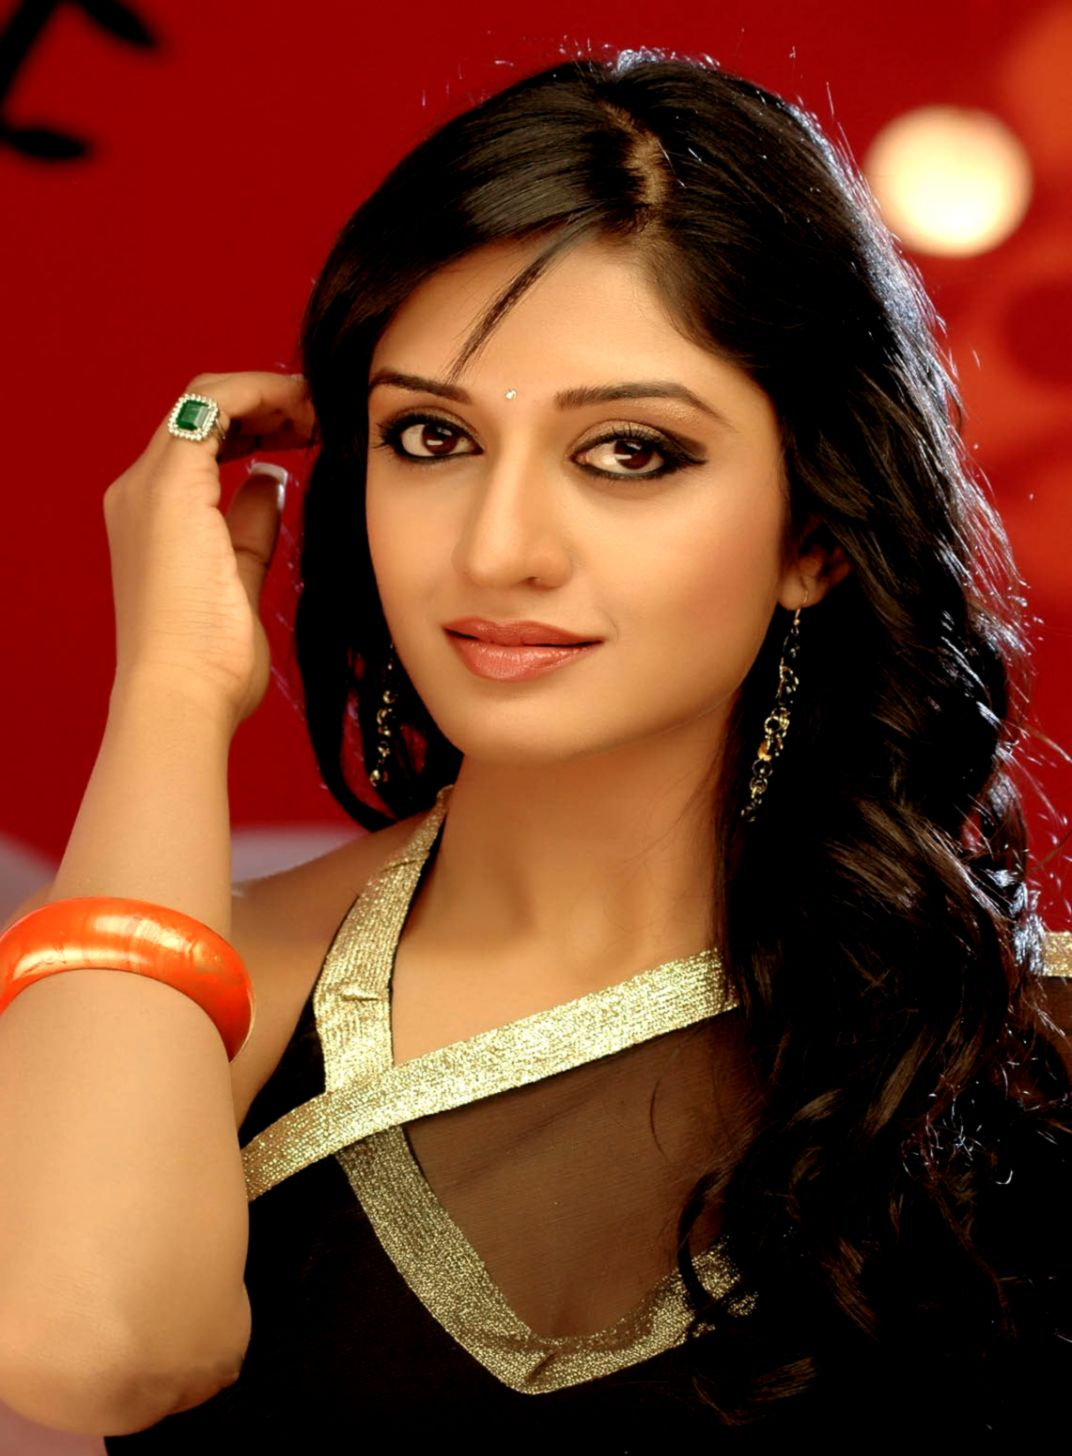 Wallpapers Heroine Telugu (55 Wallpapers) – HD Wallpapers